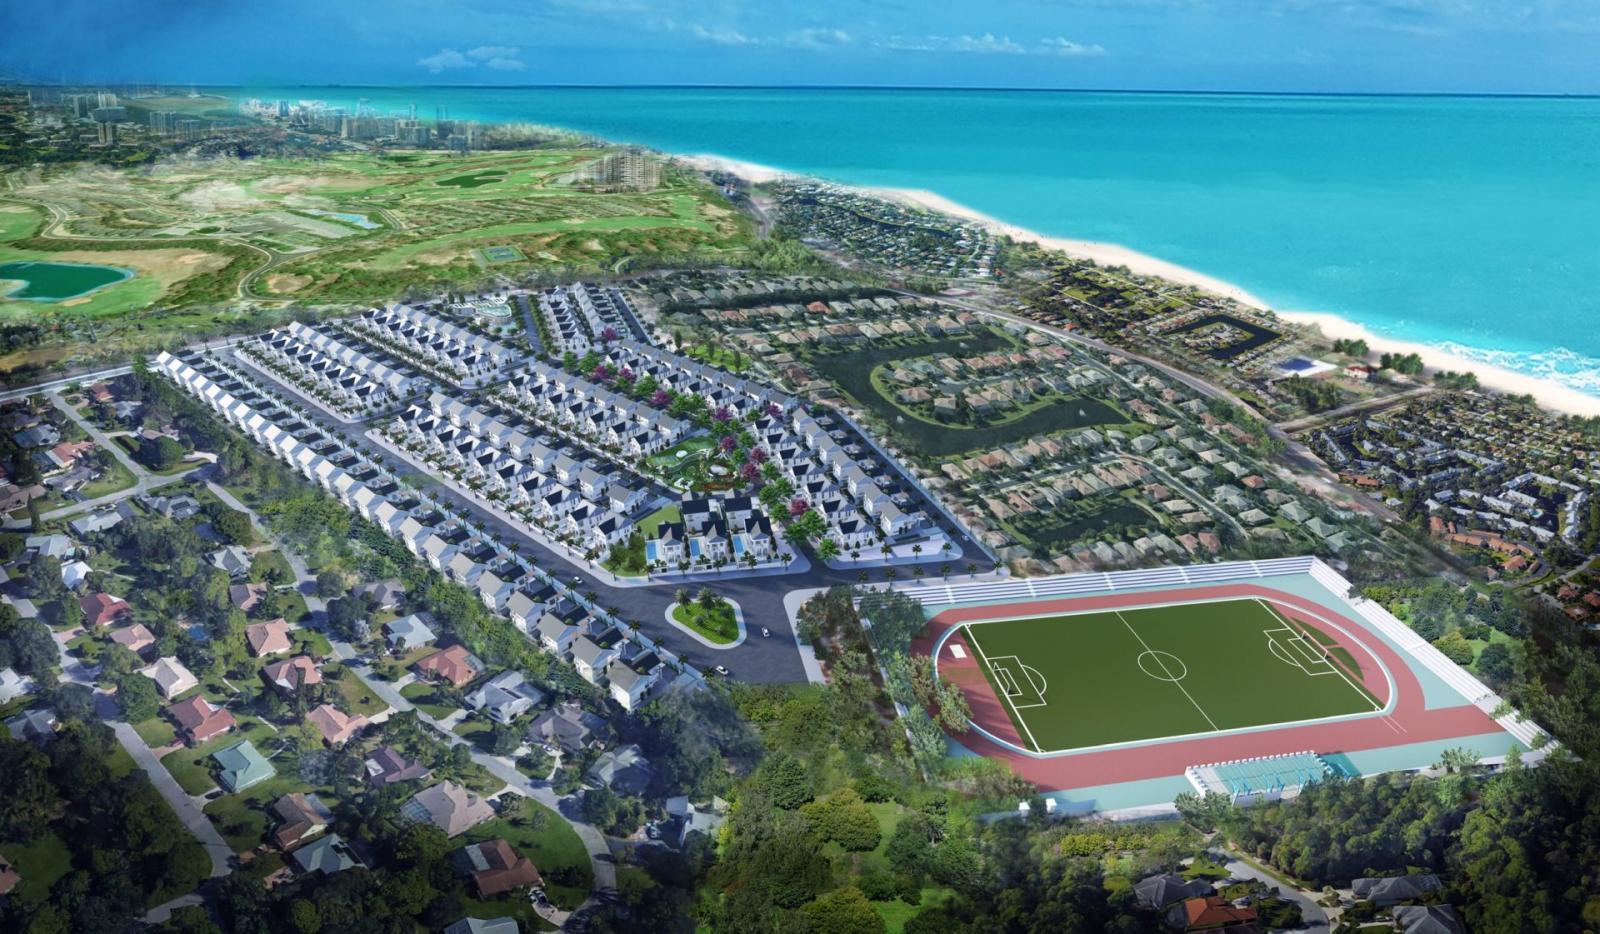 Phối cảnh tổng thể dự án Khu biệt thự Hill Villas tại Mũi Né